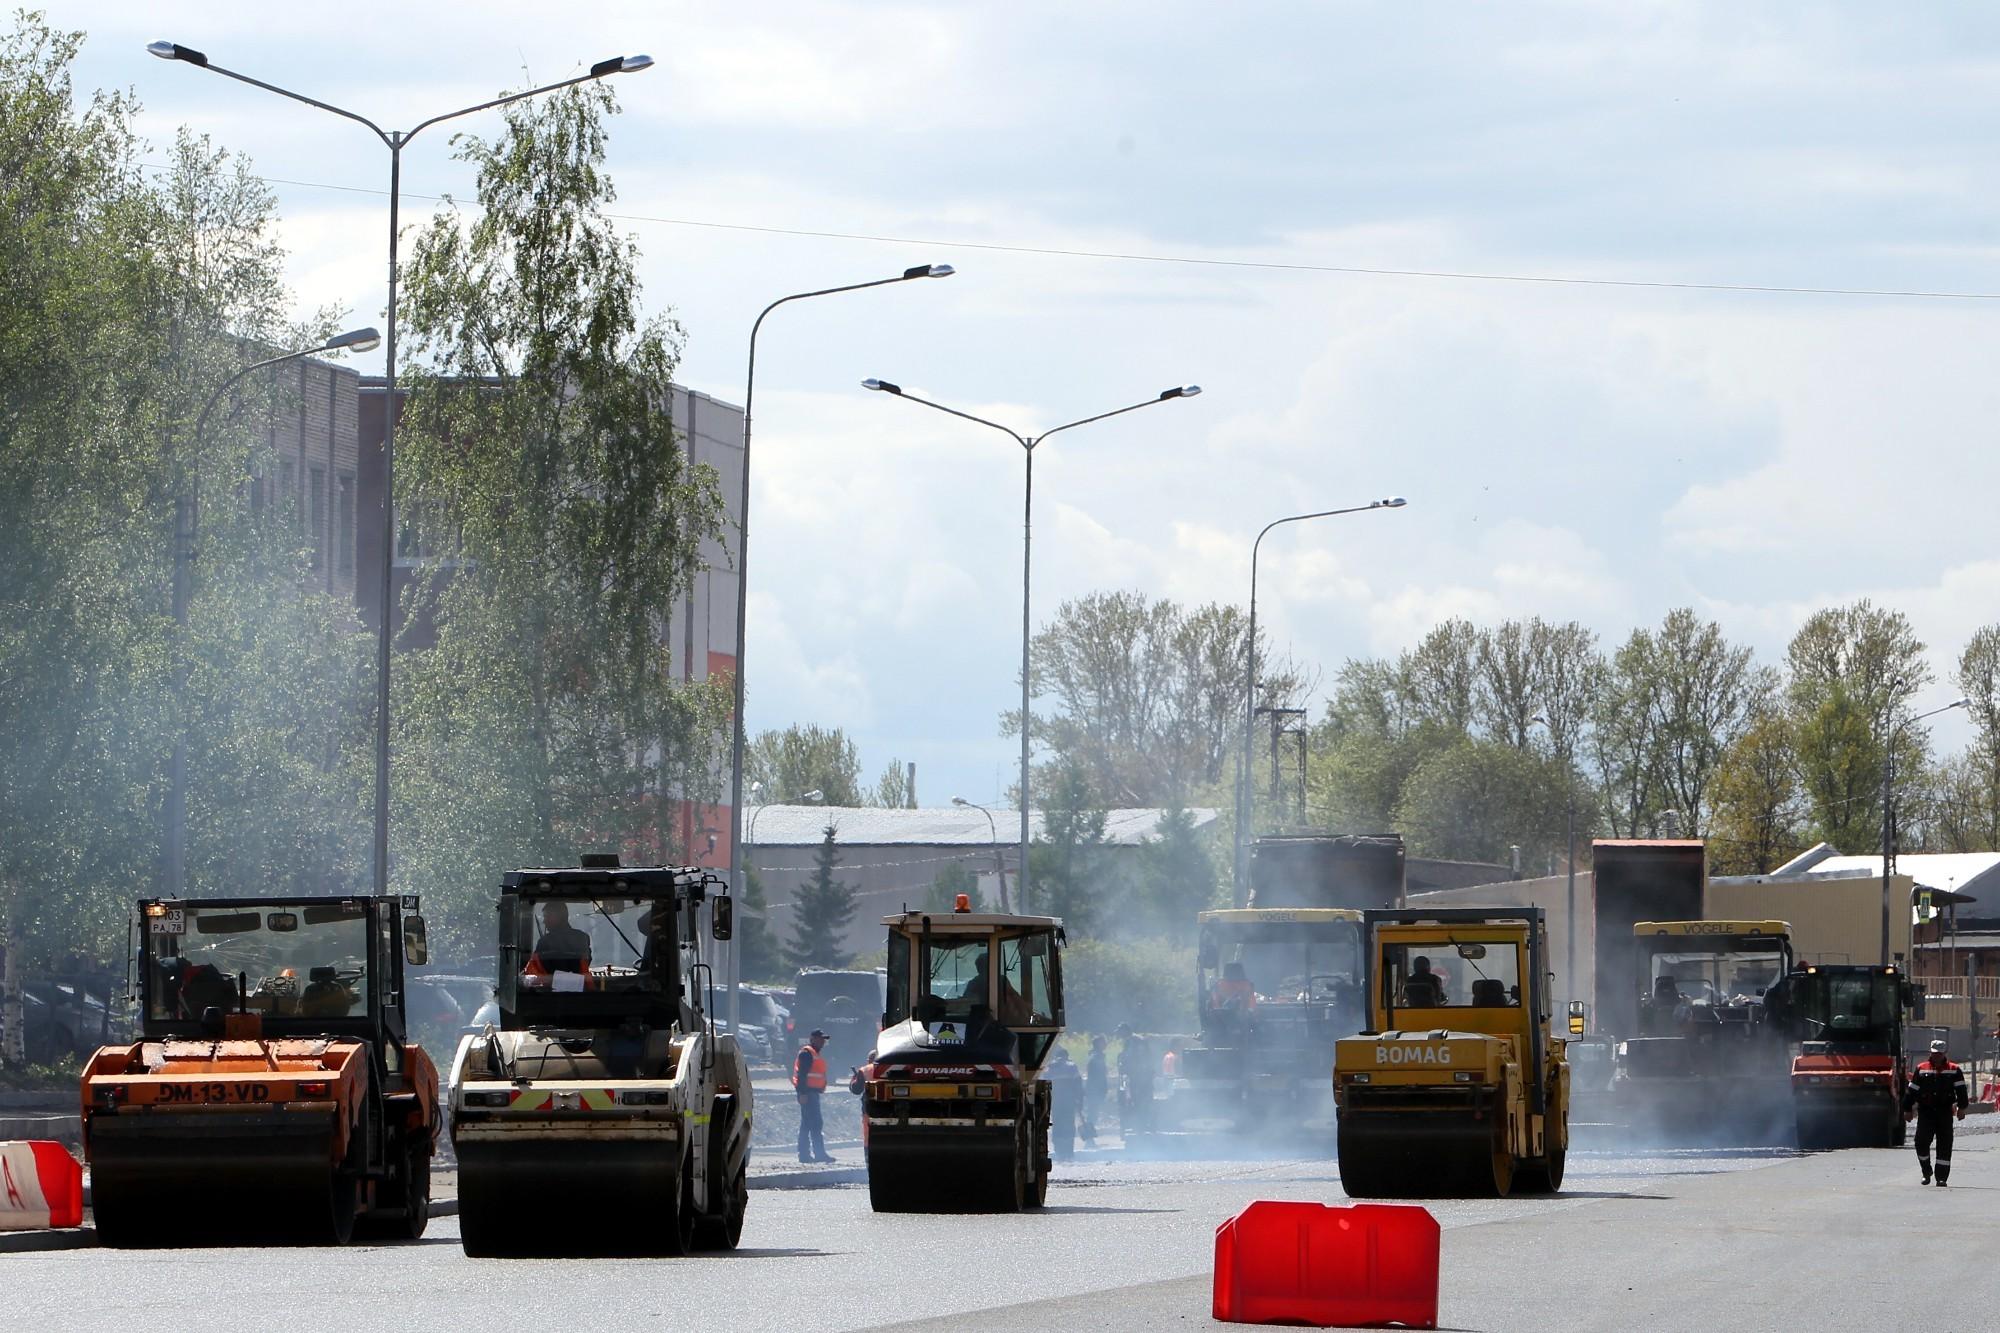 дорожное строительство дорожные работы набережная обводного канала асфальтирование каток